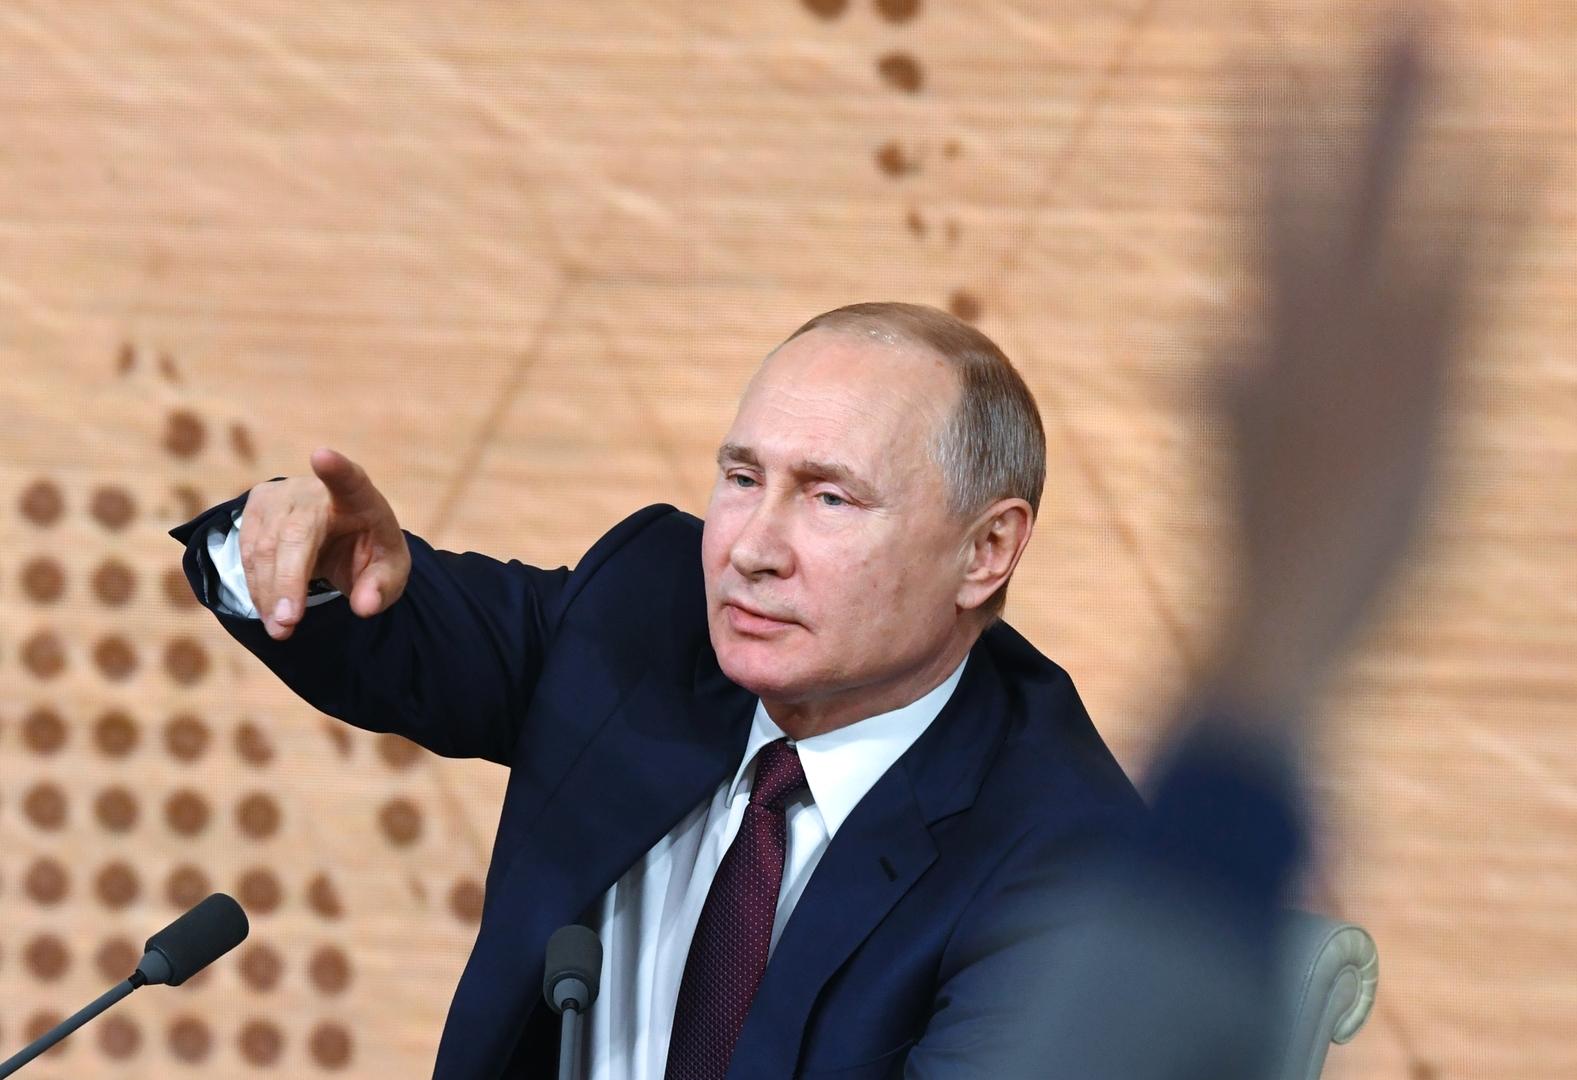 بوتين: روسيا مستعدة لتسليم مرتكبي الجرائم السيبرانية إلى أمريكا لكن بشرط